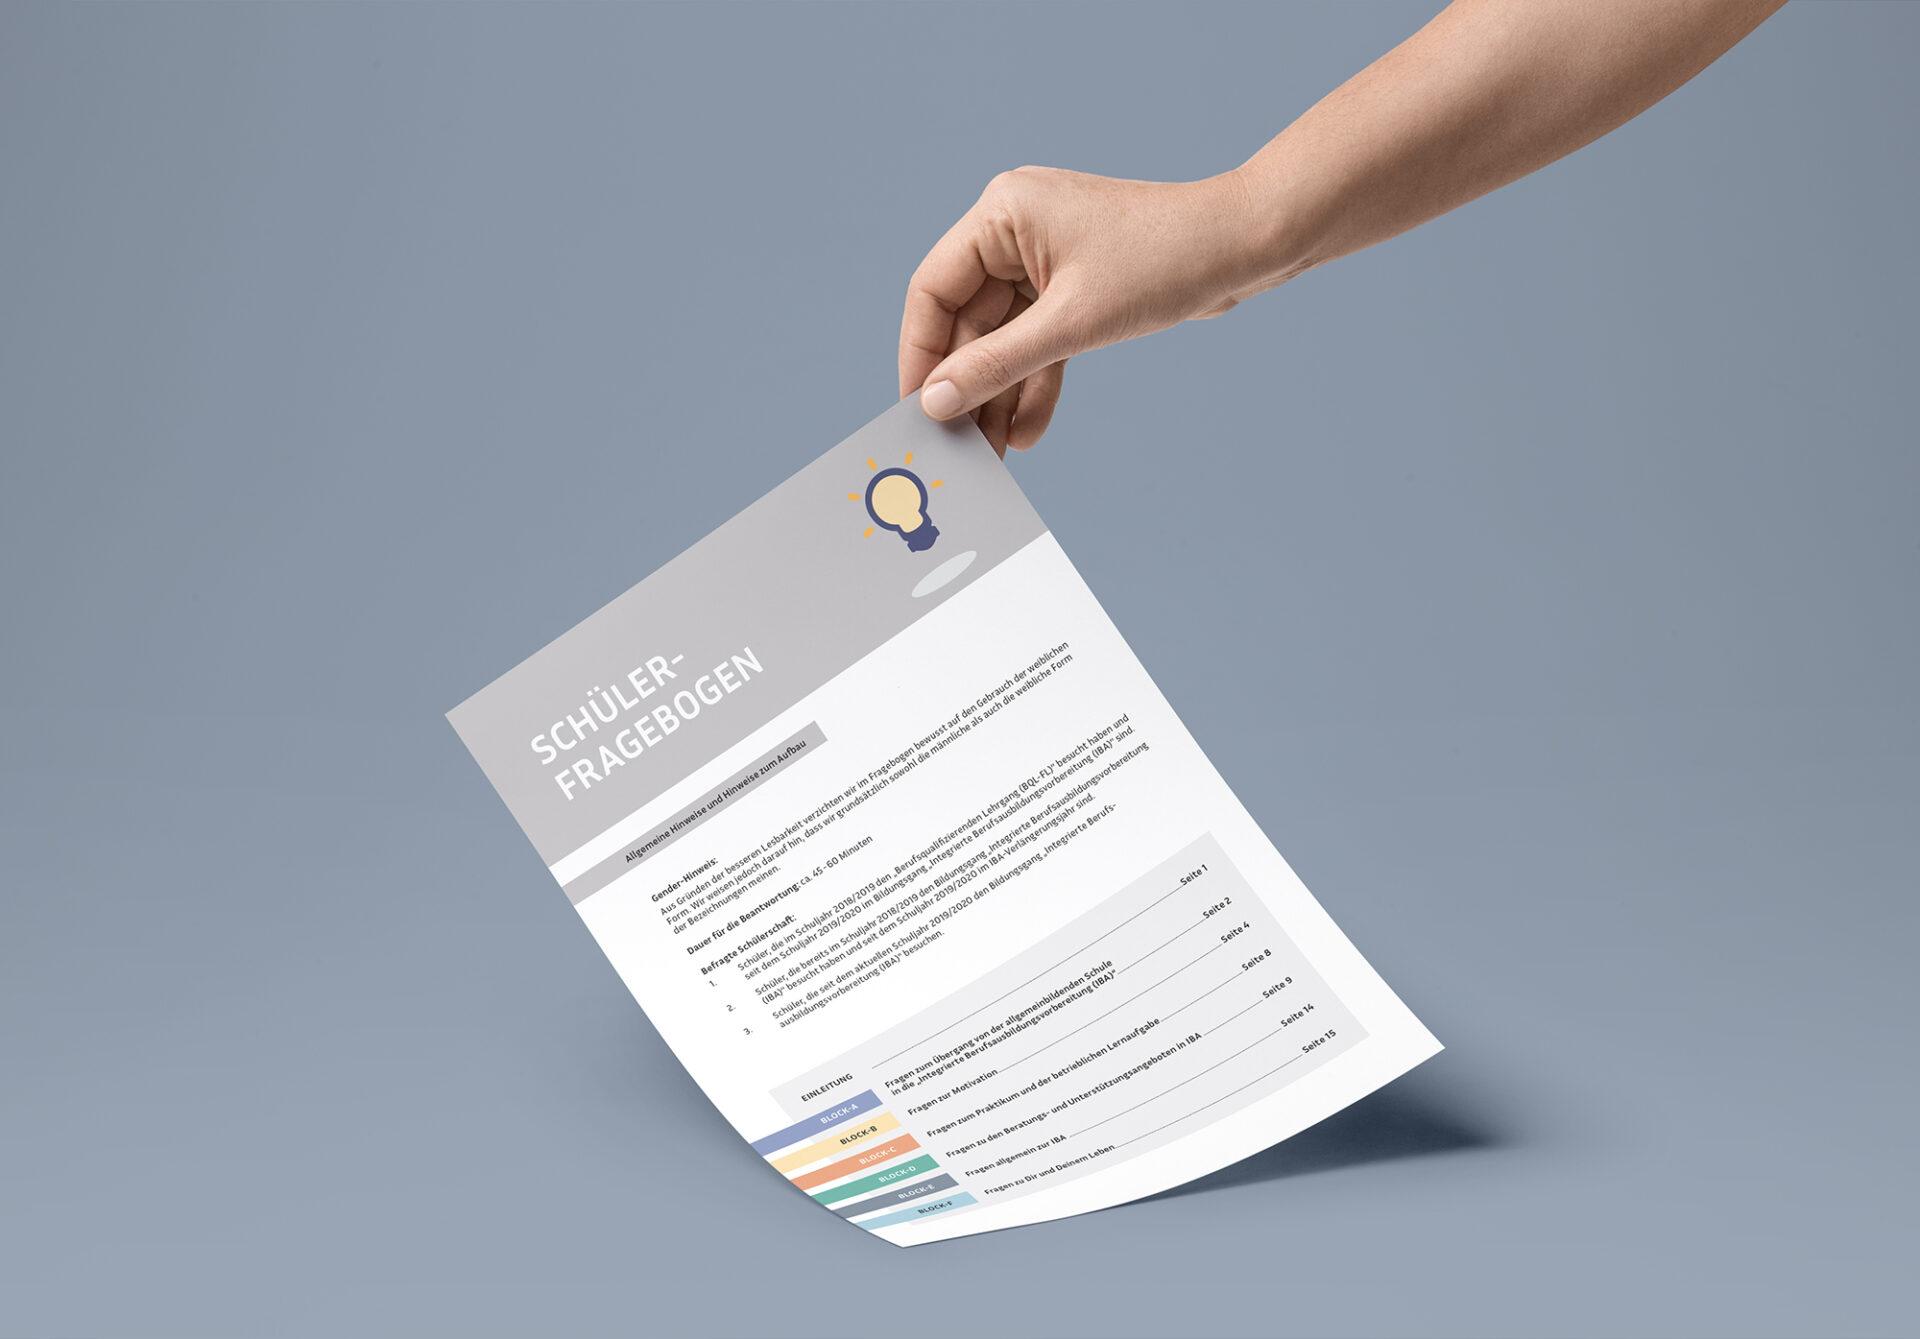 questionnaire_vocational-education_1